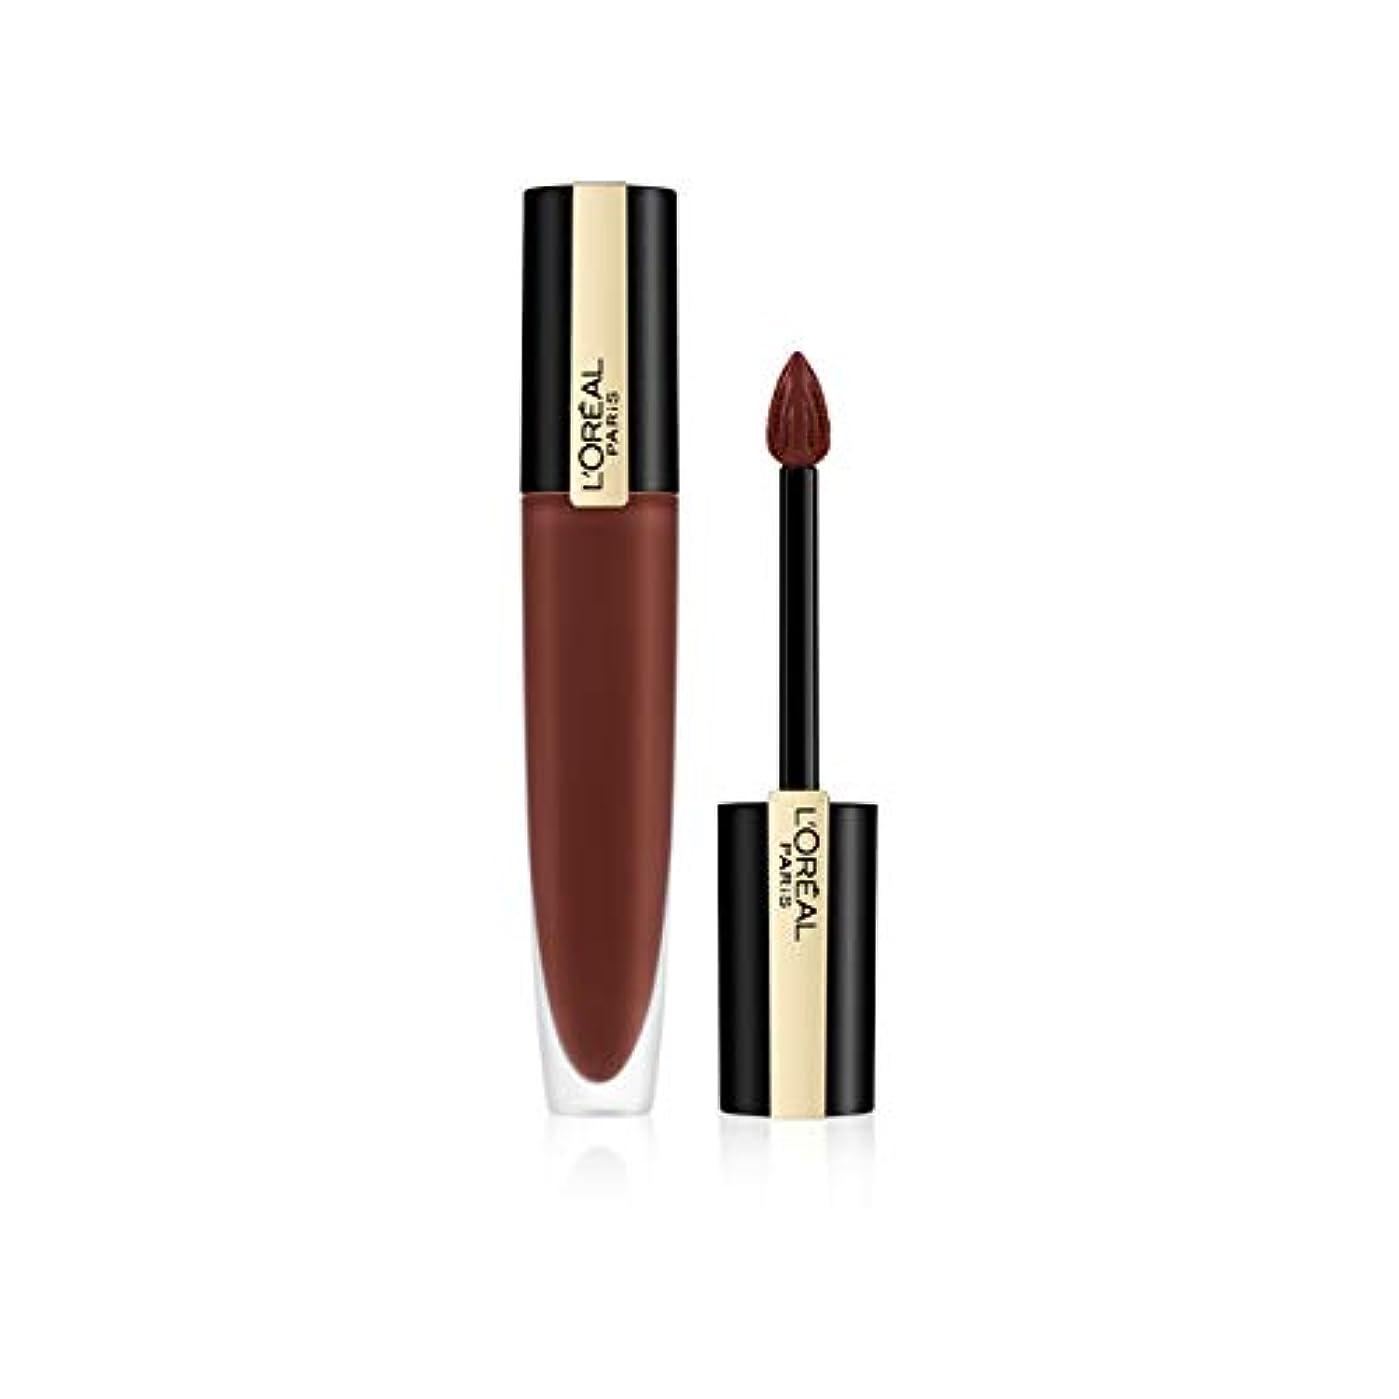 原子スーパー致命的なL'Oreal Paris Rouge Signature Matte Liquid Lipstick,126 I Play, 7g